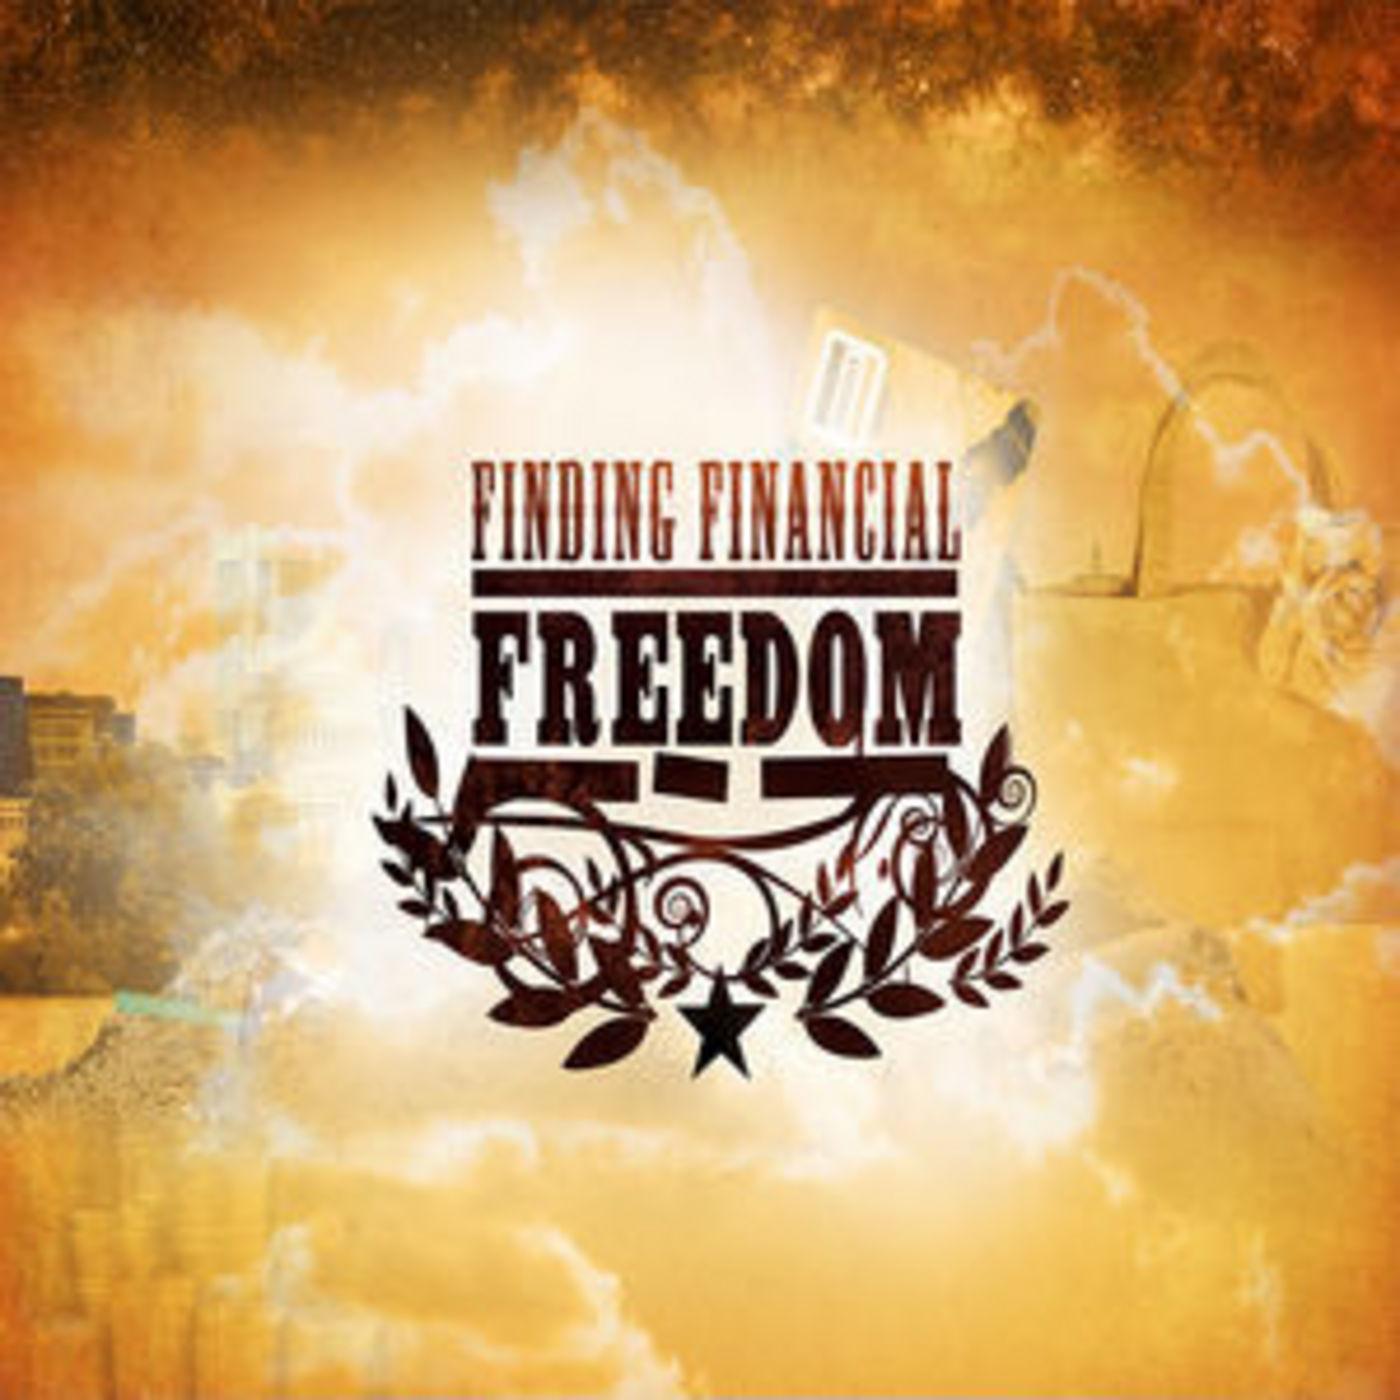 <![CDATA[Financial Freedom]]>